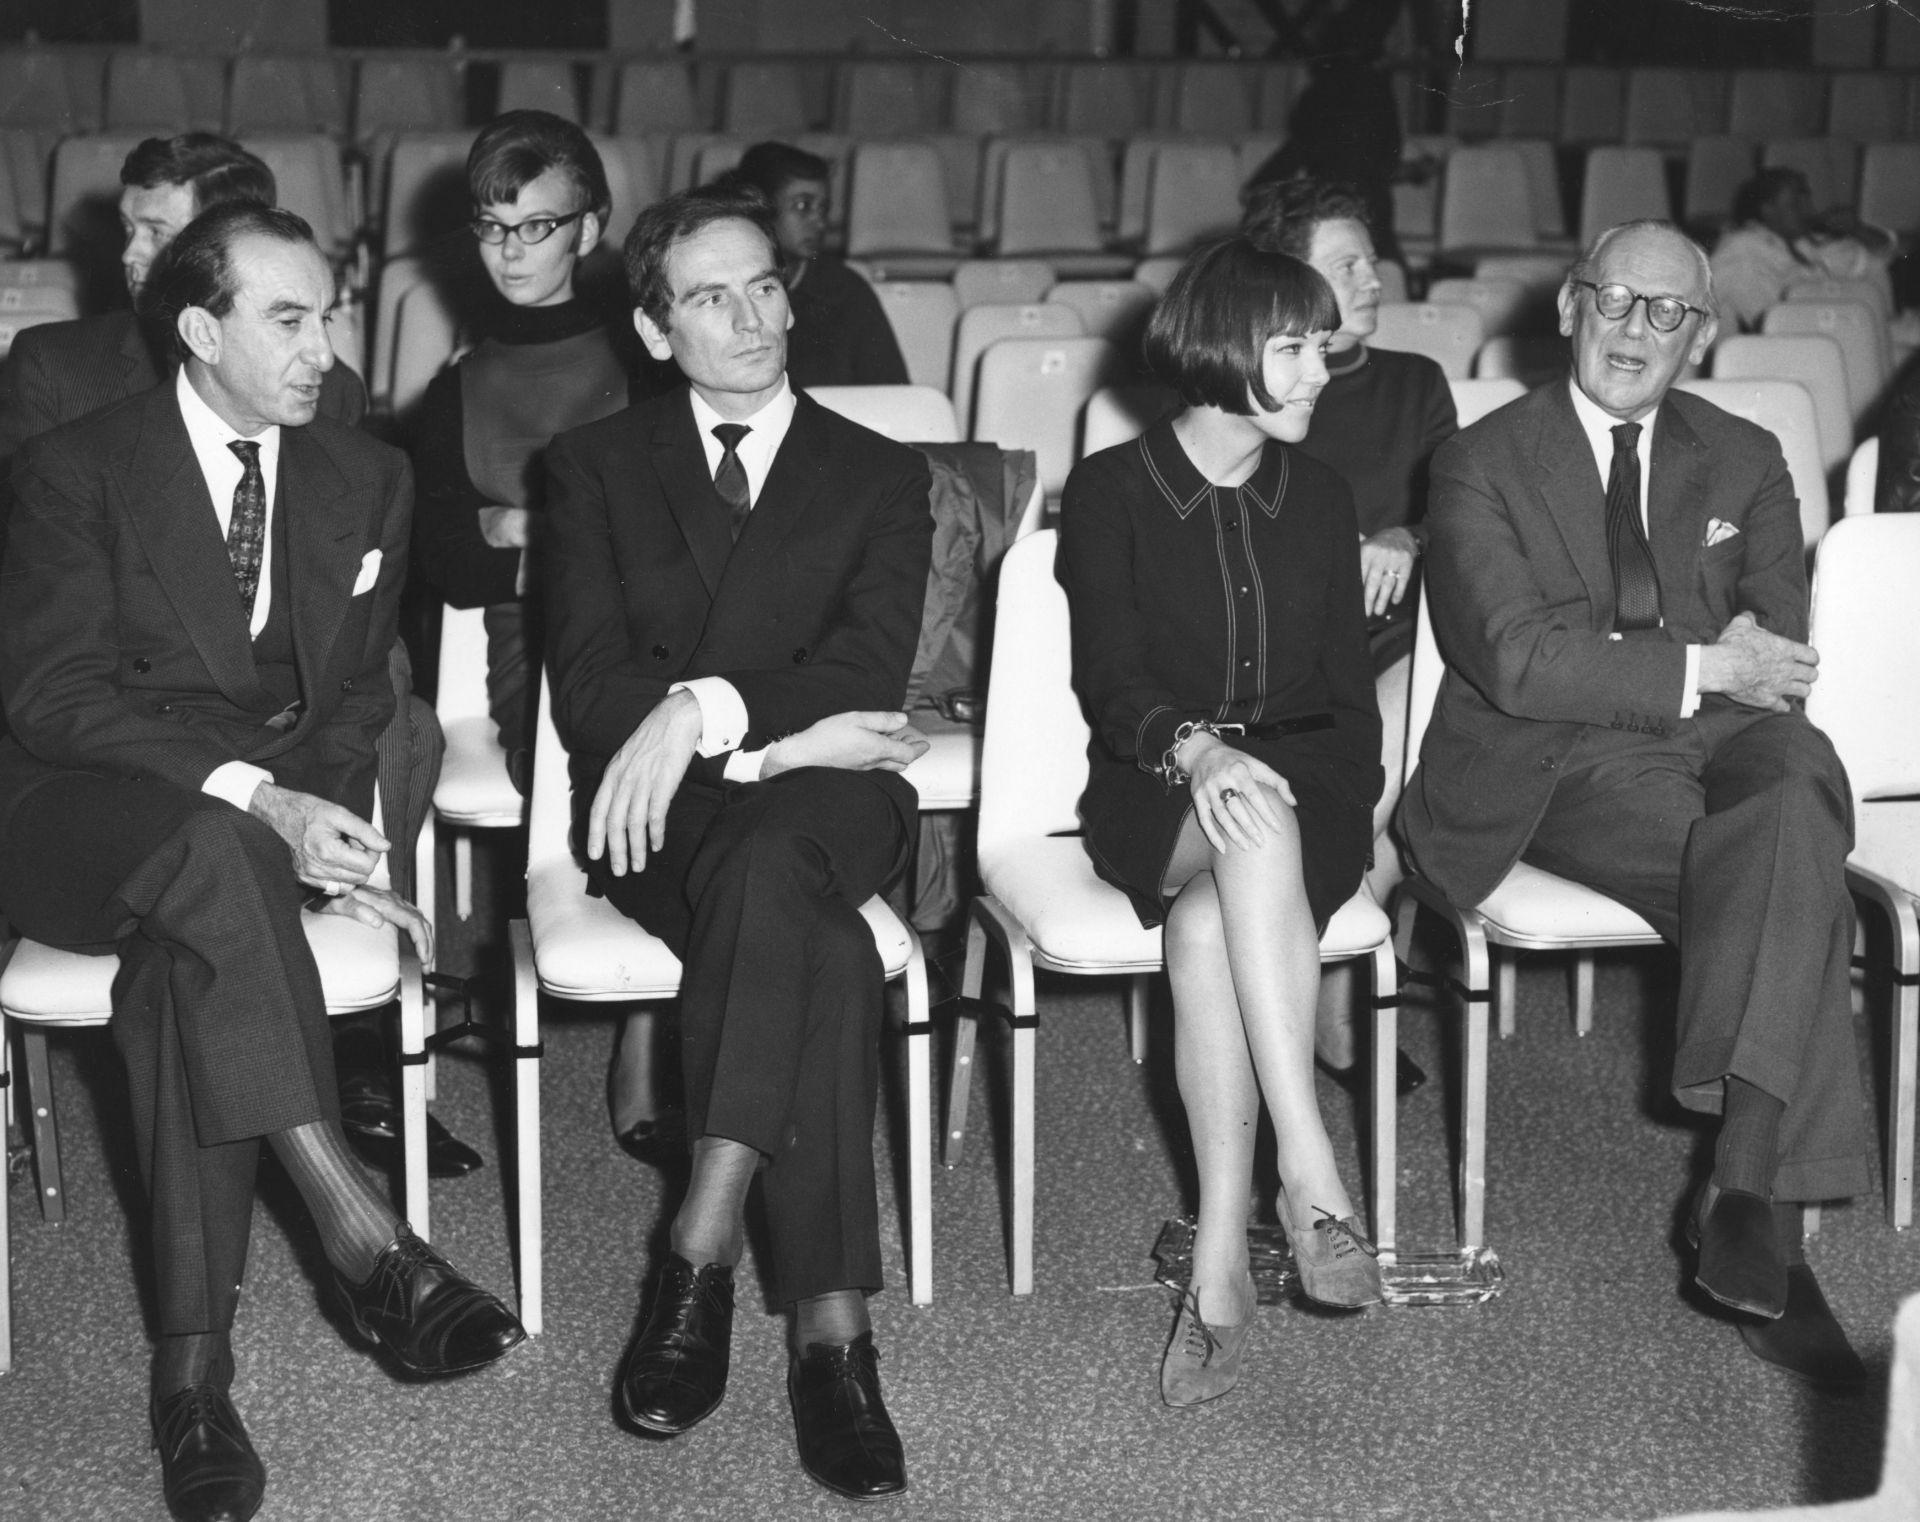 """Октомври, 1963г. : Репетиция за първите международни модни награди на """"Съндей Таймс"""". Пиер Карден между дизайнерите Емилио Пучи и Мери Куант"""